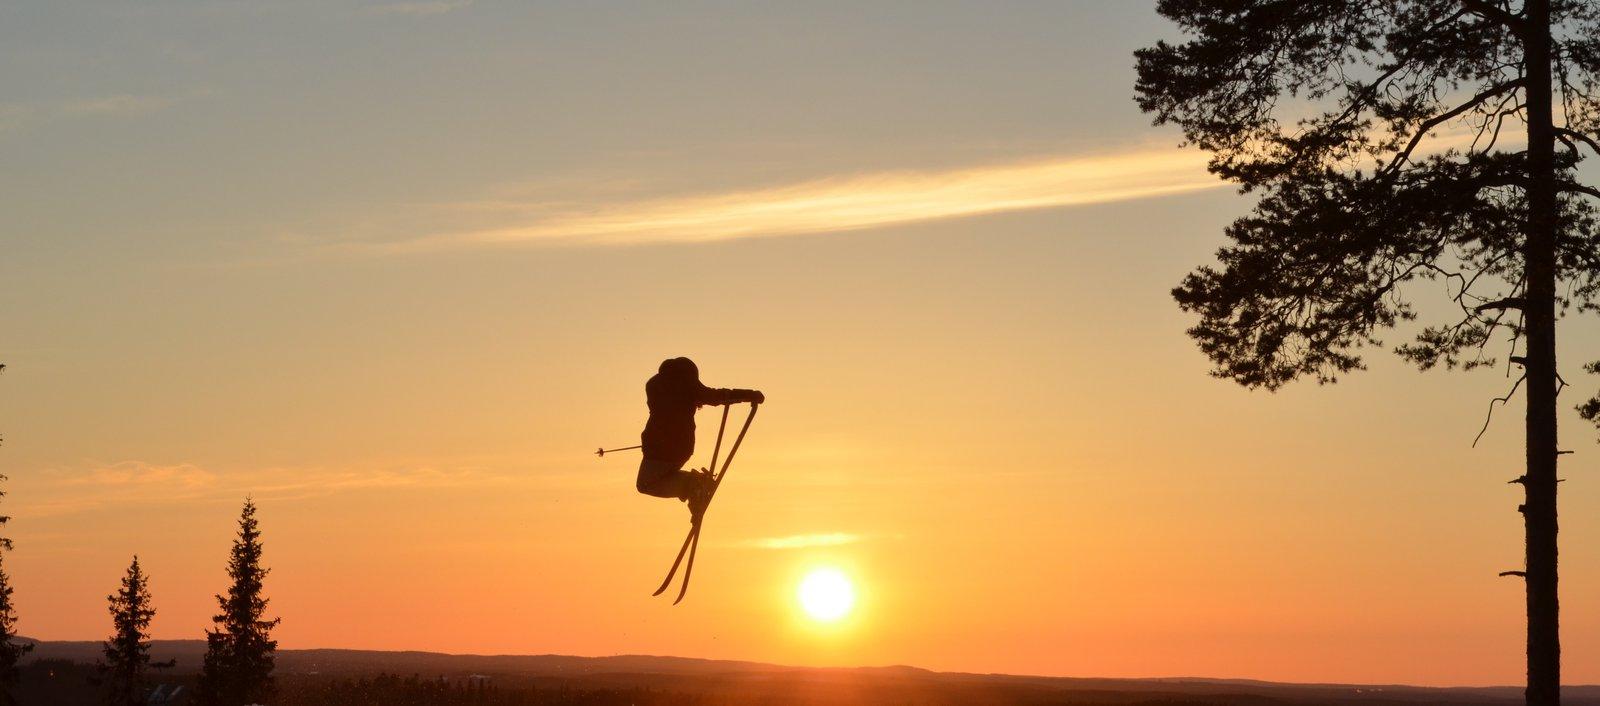 Sunset tail grab